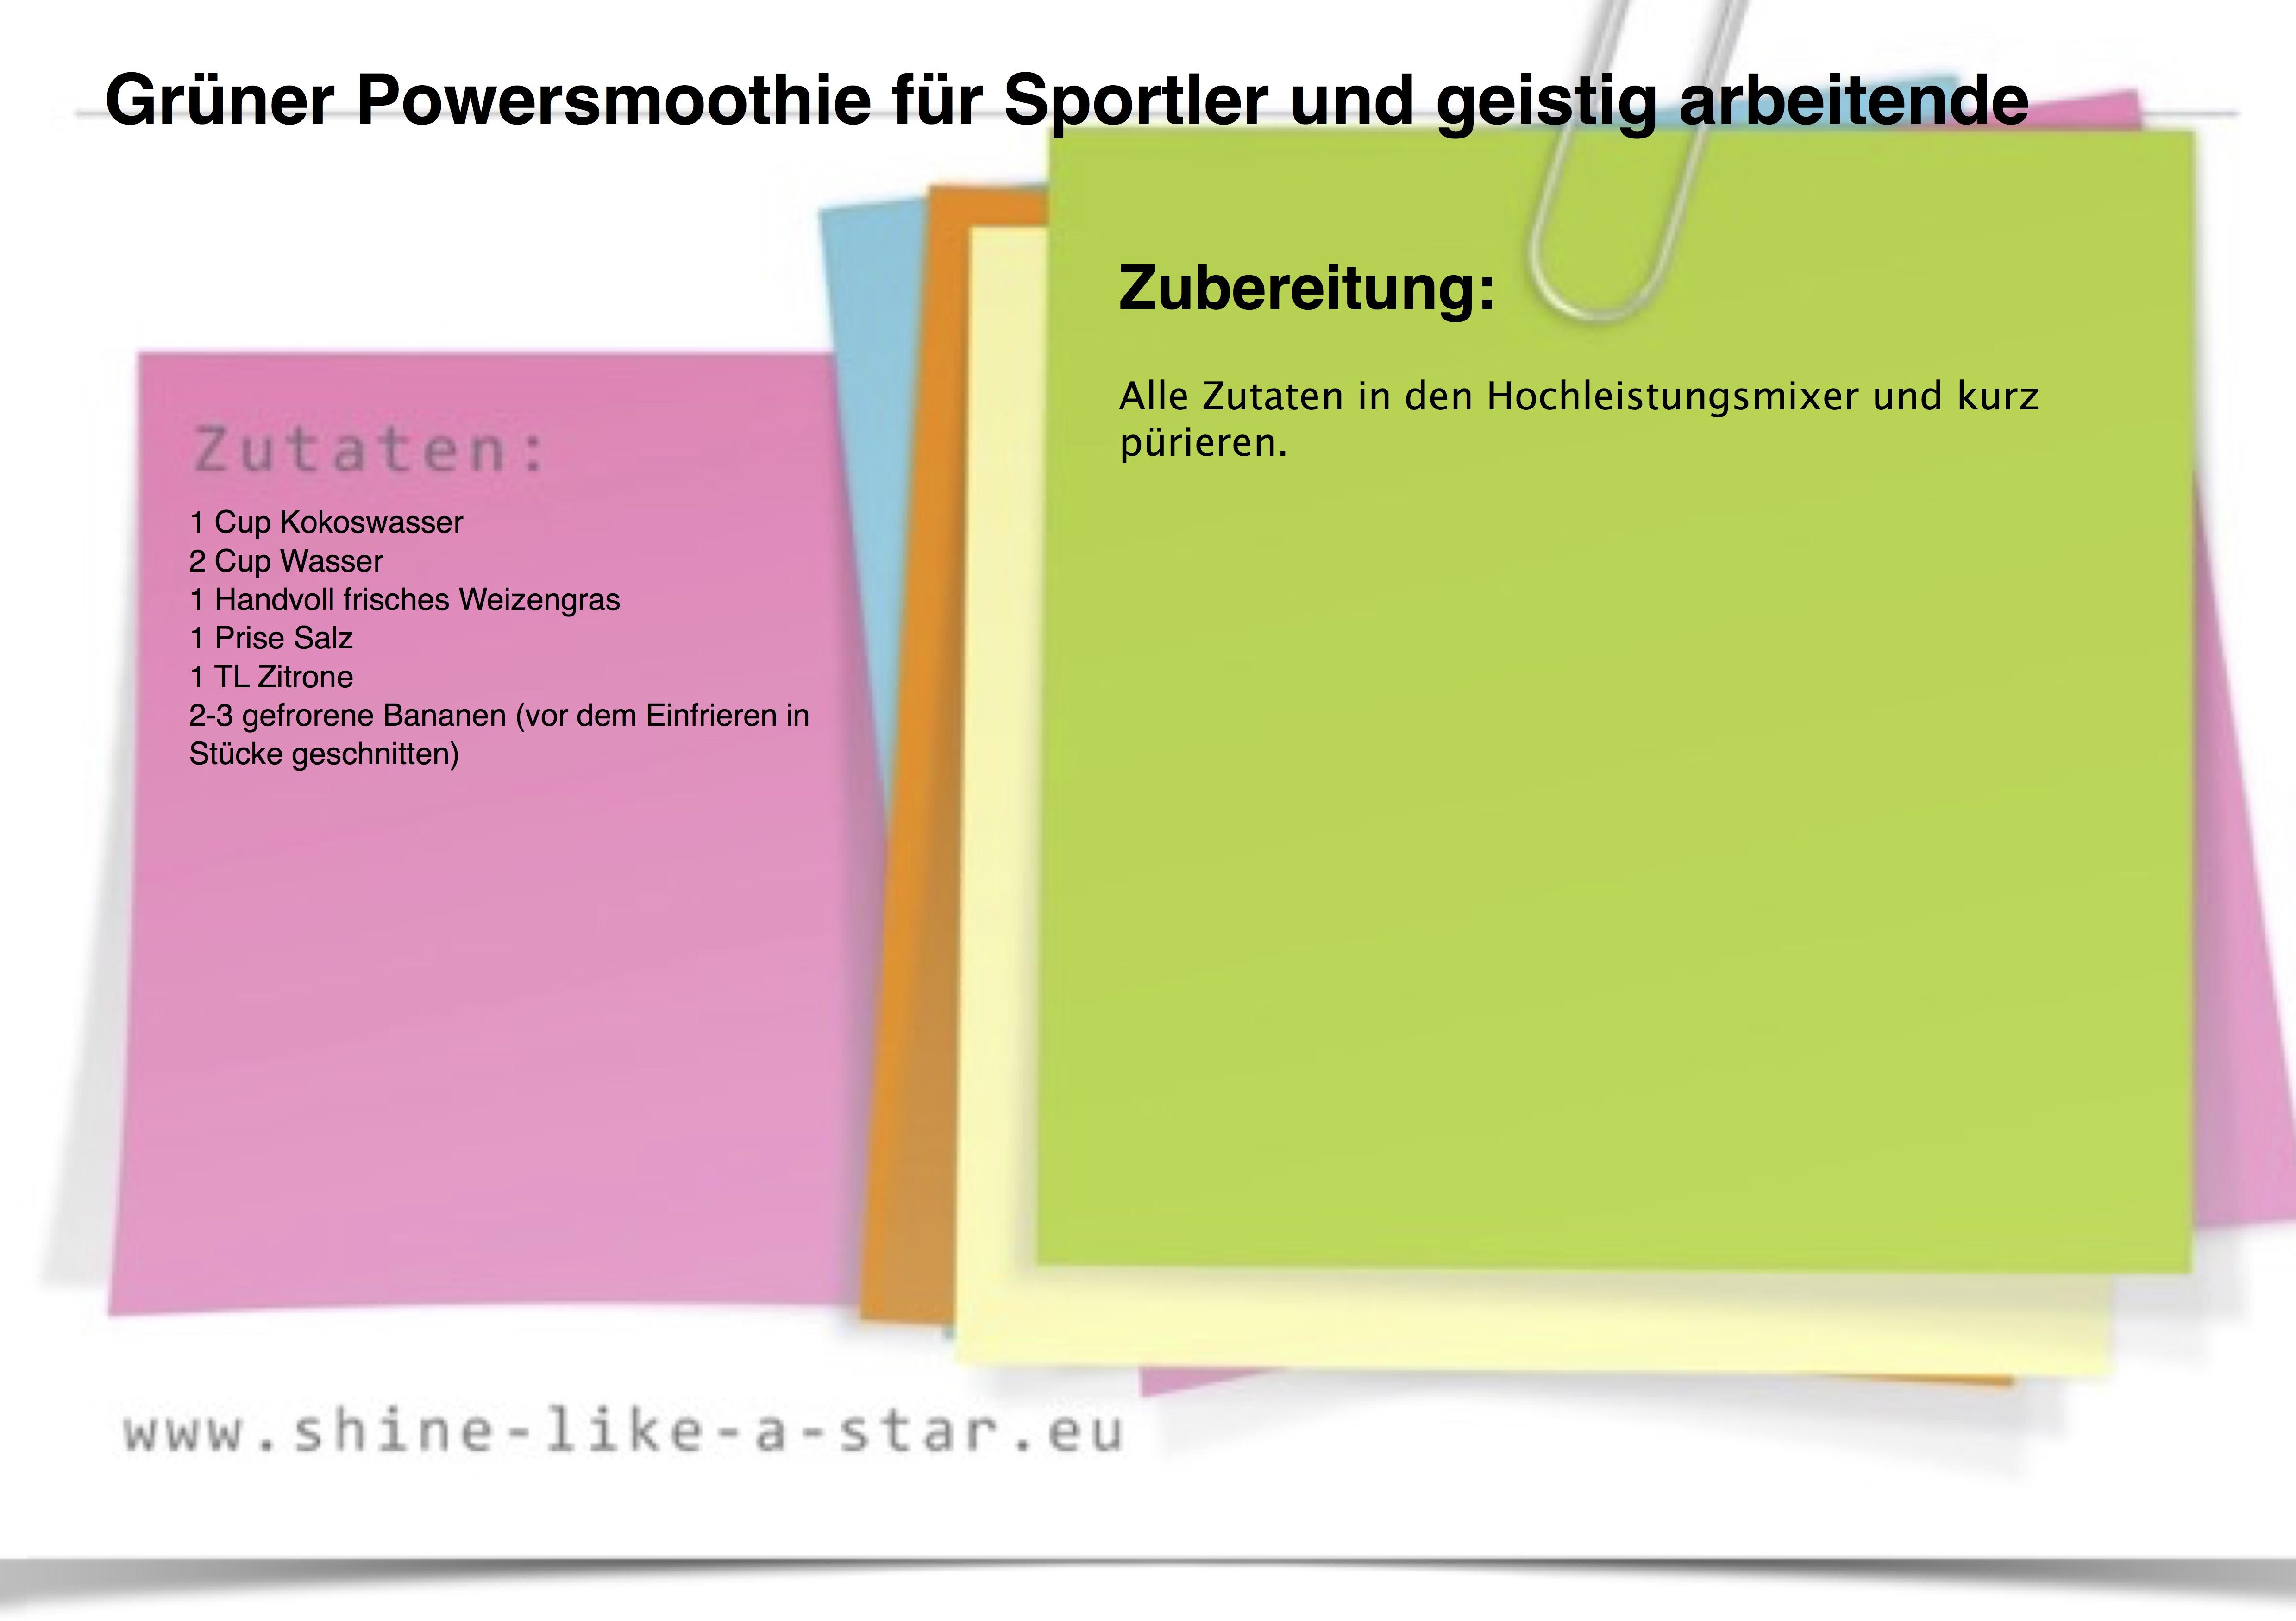 Grüner Powersmoothie für Sportler und geistig arbeitende Menschen